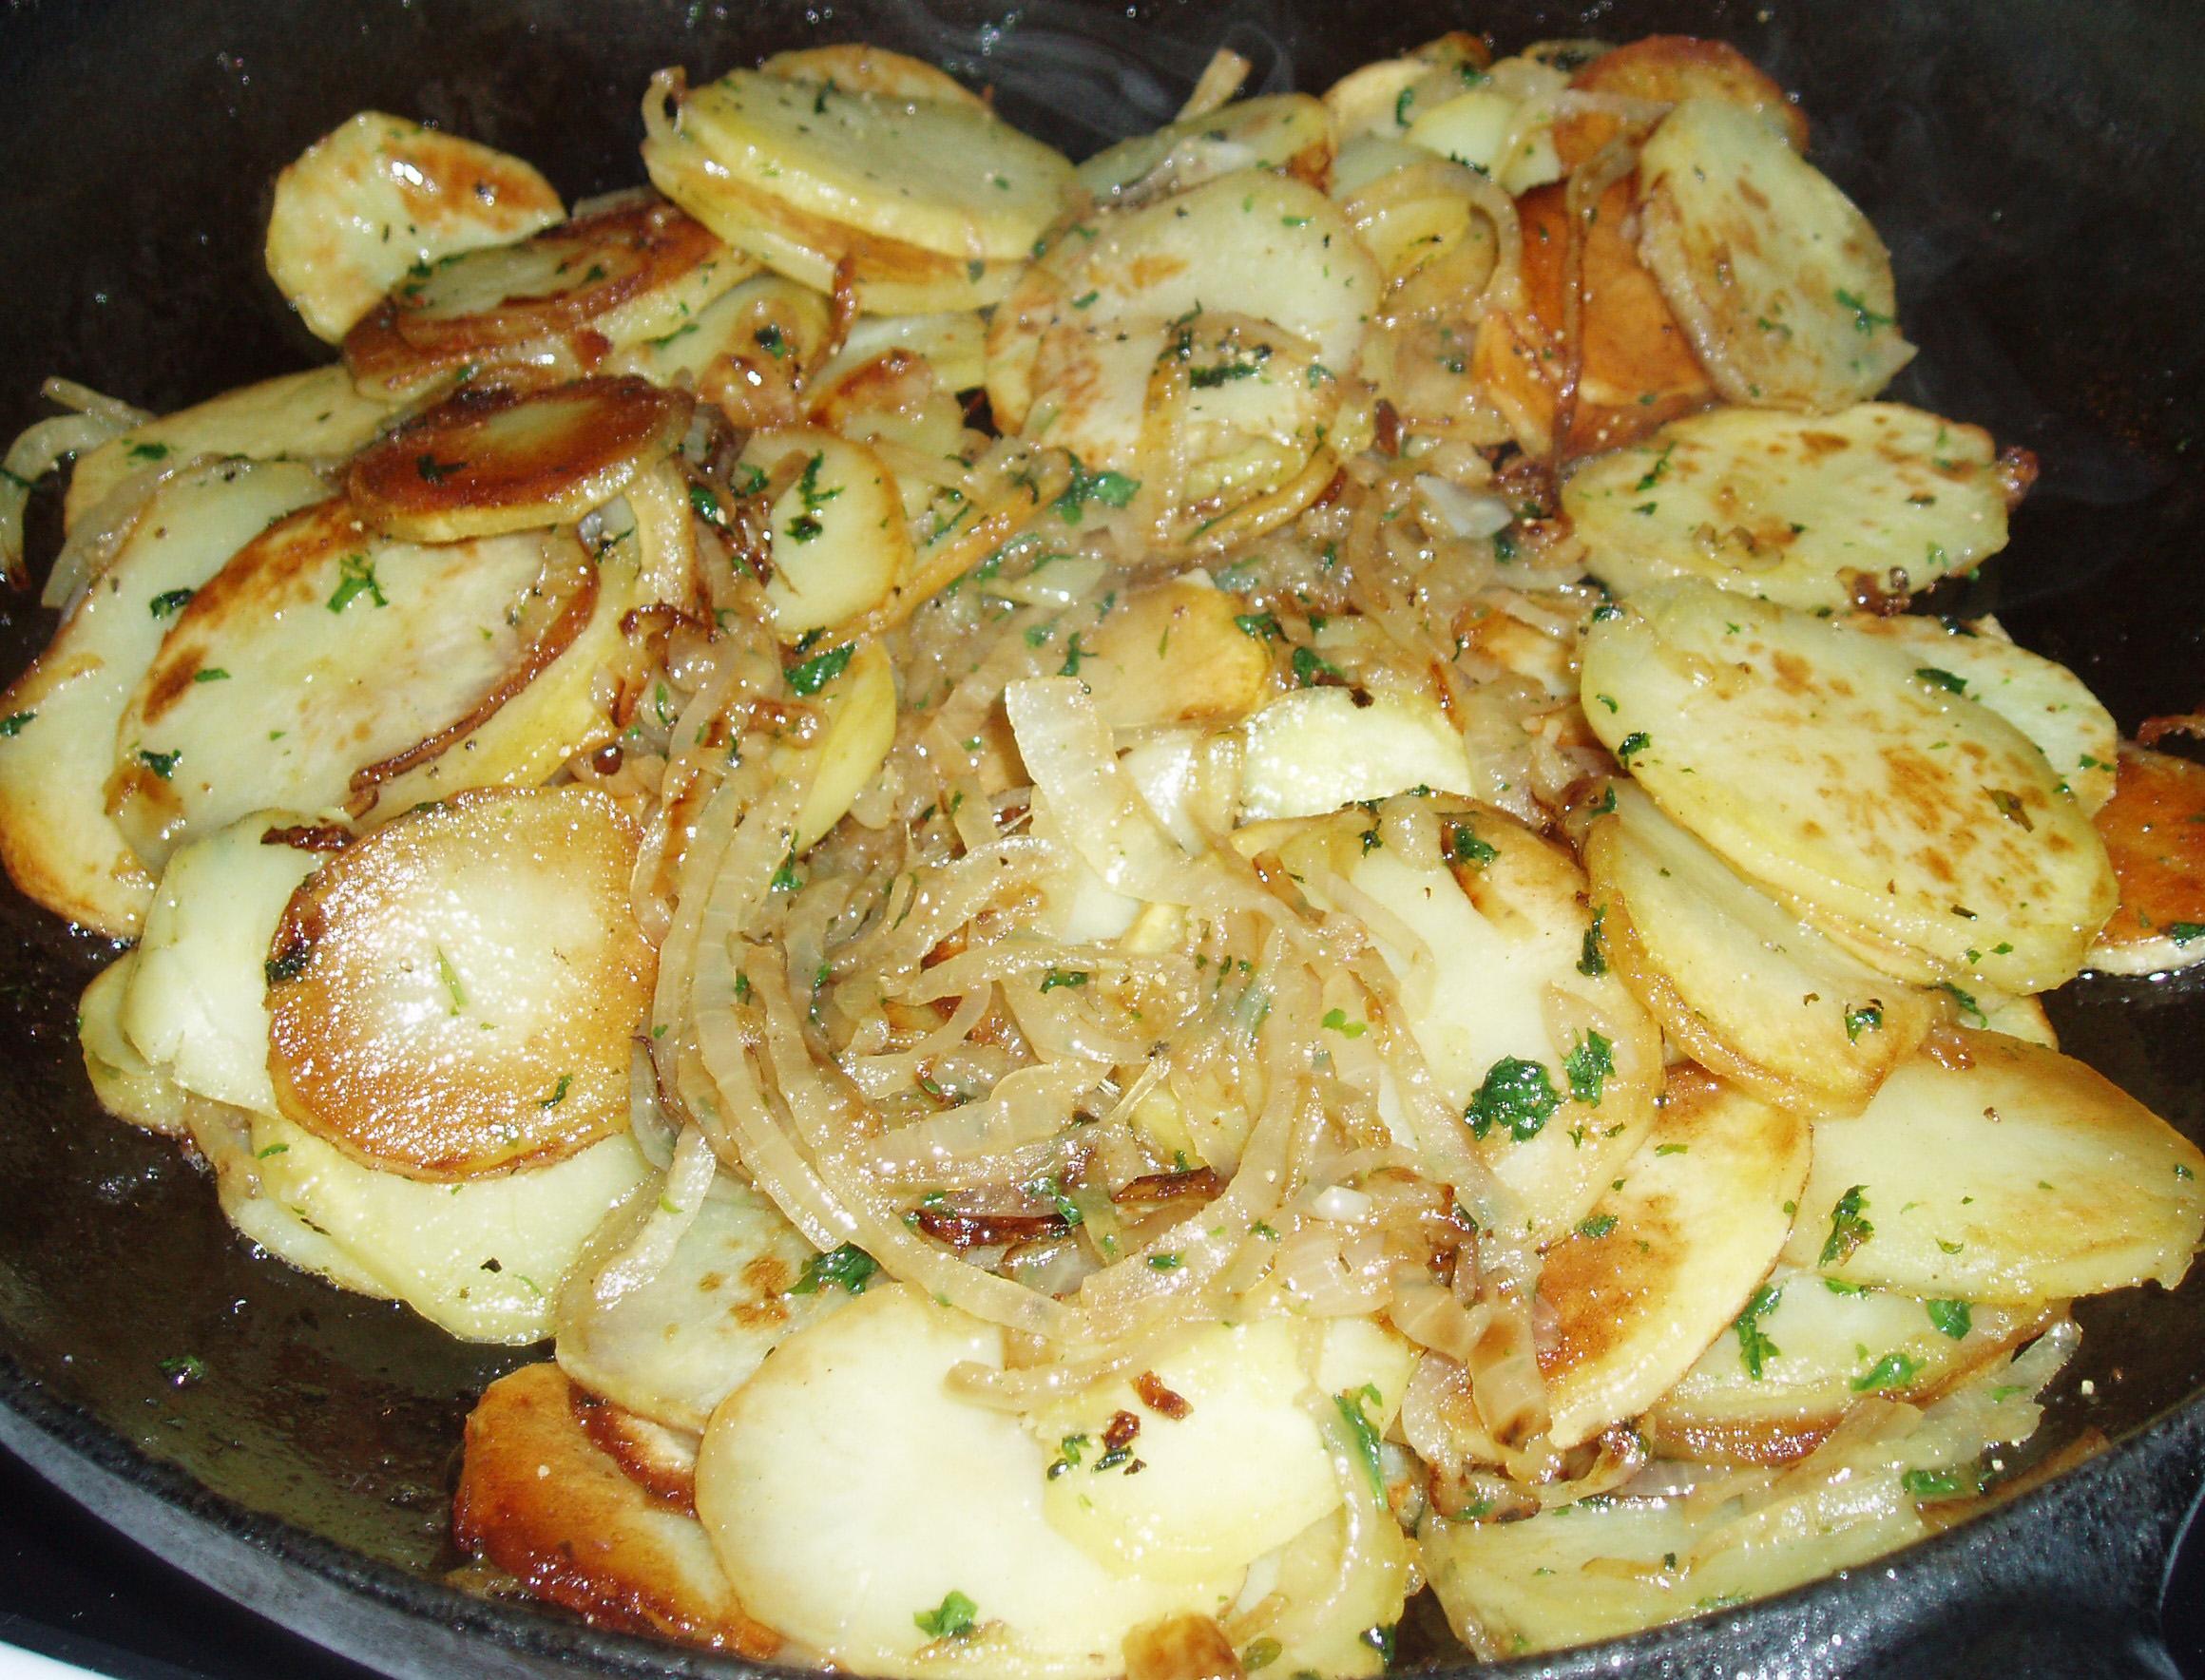 Provensalsk potatis